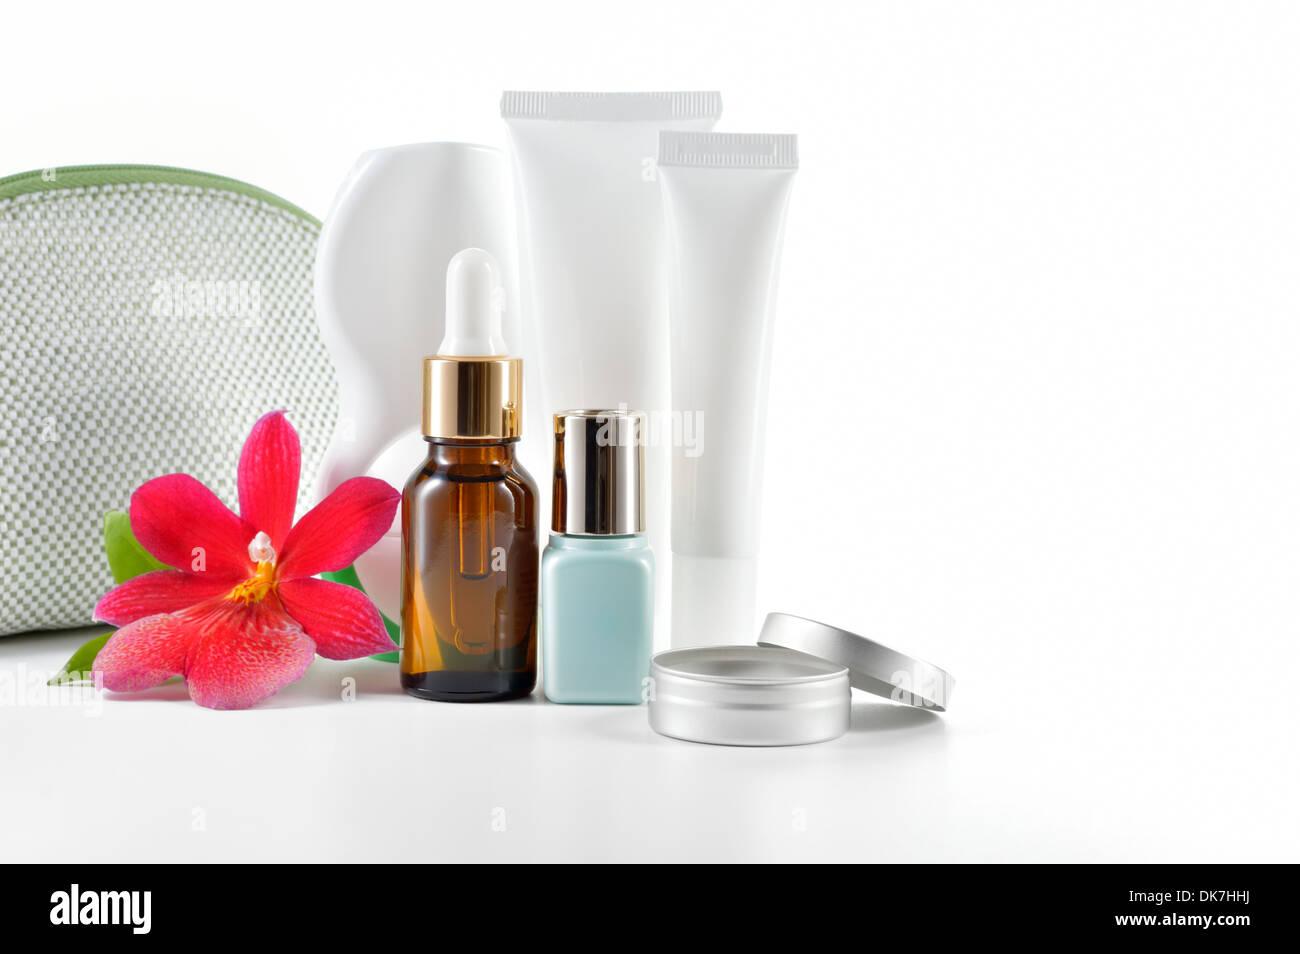 Tägliche, Schönheit Pflege Kosmetik isoliert auf weißem Hintergrund. Gesicht Creme, Augencreme, Serum und Lip Balm. Haut-& Körperpflege. Stockbild